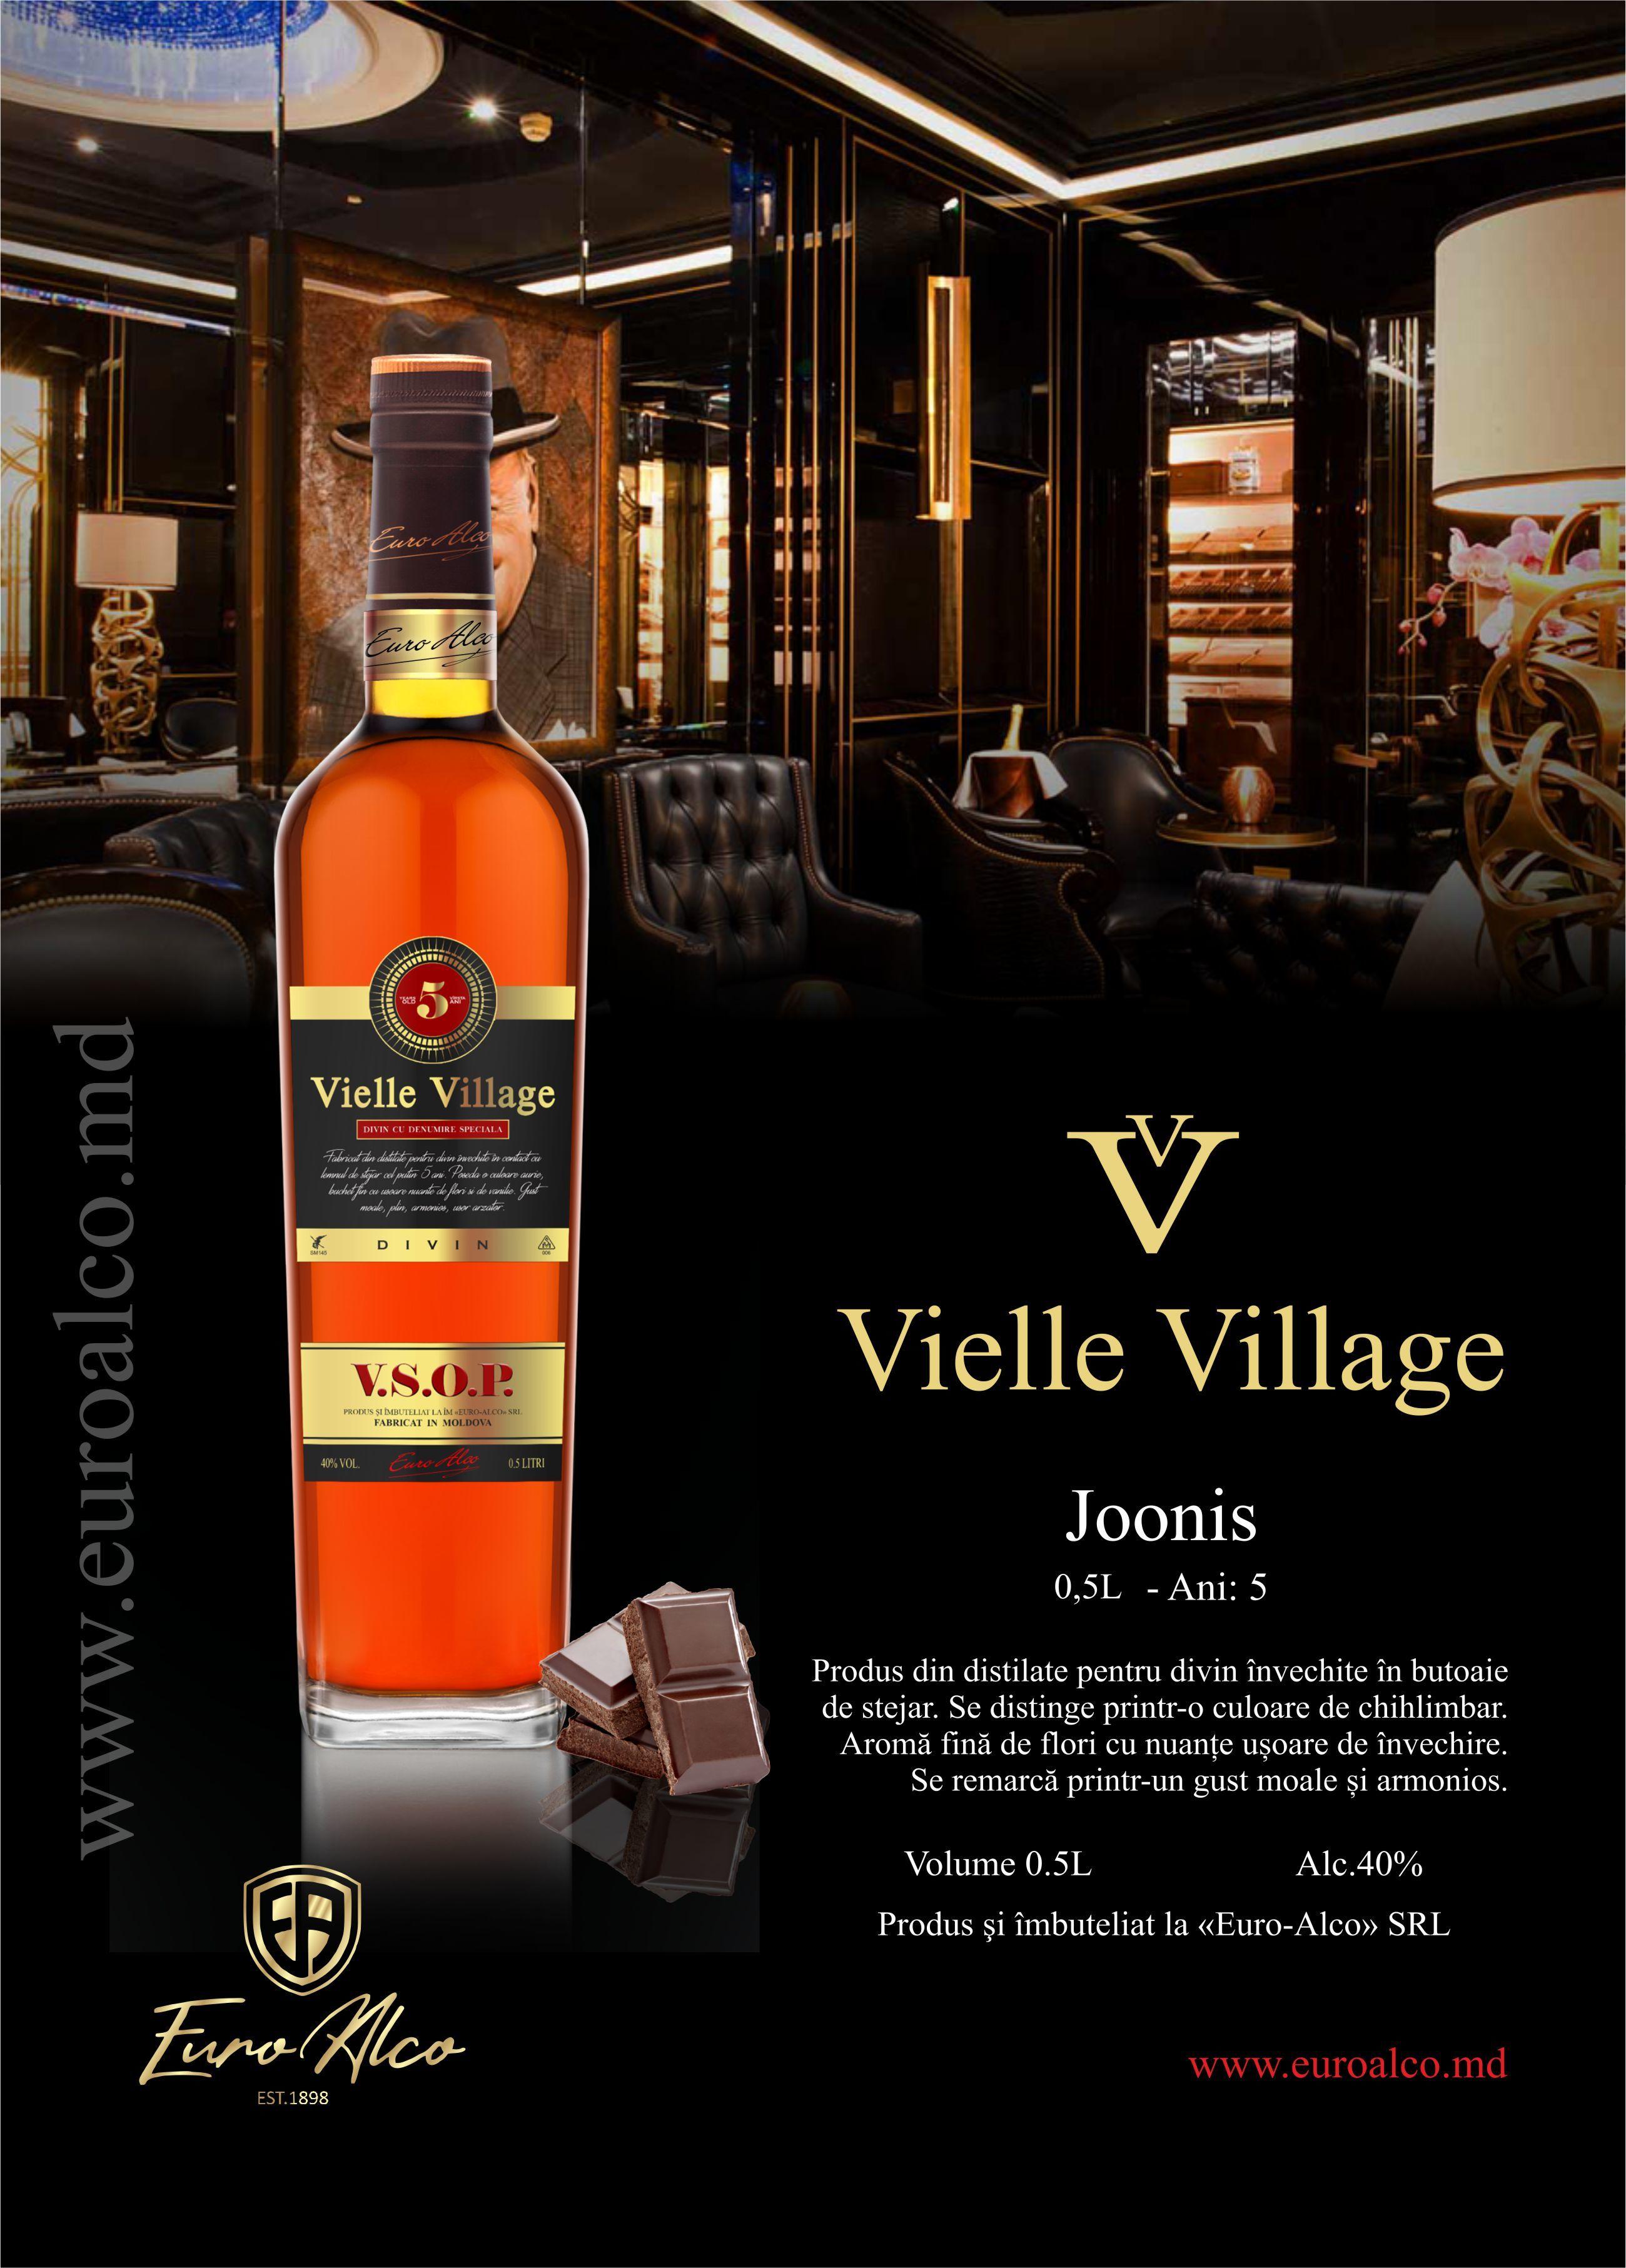 Vielle Village